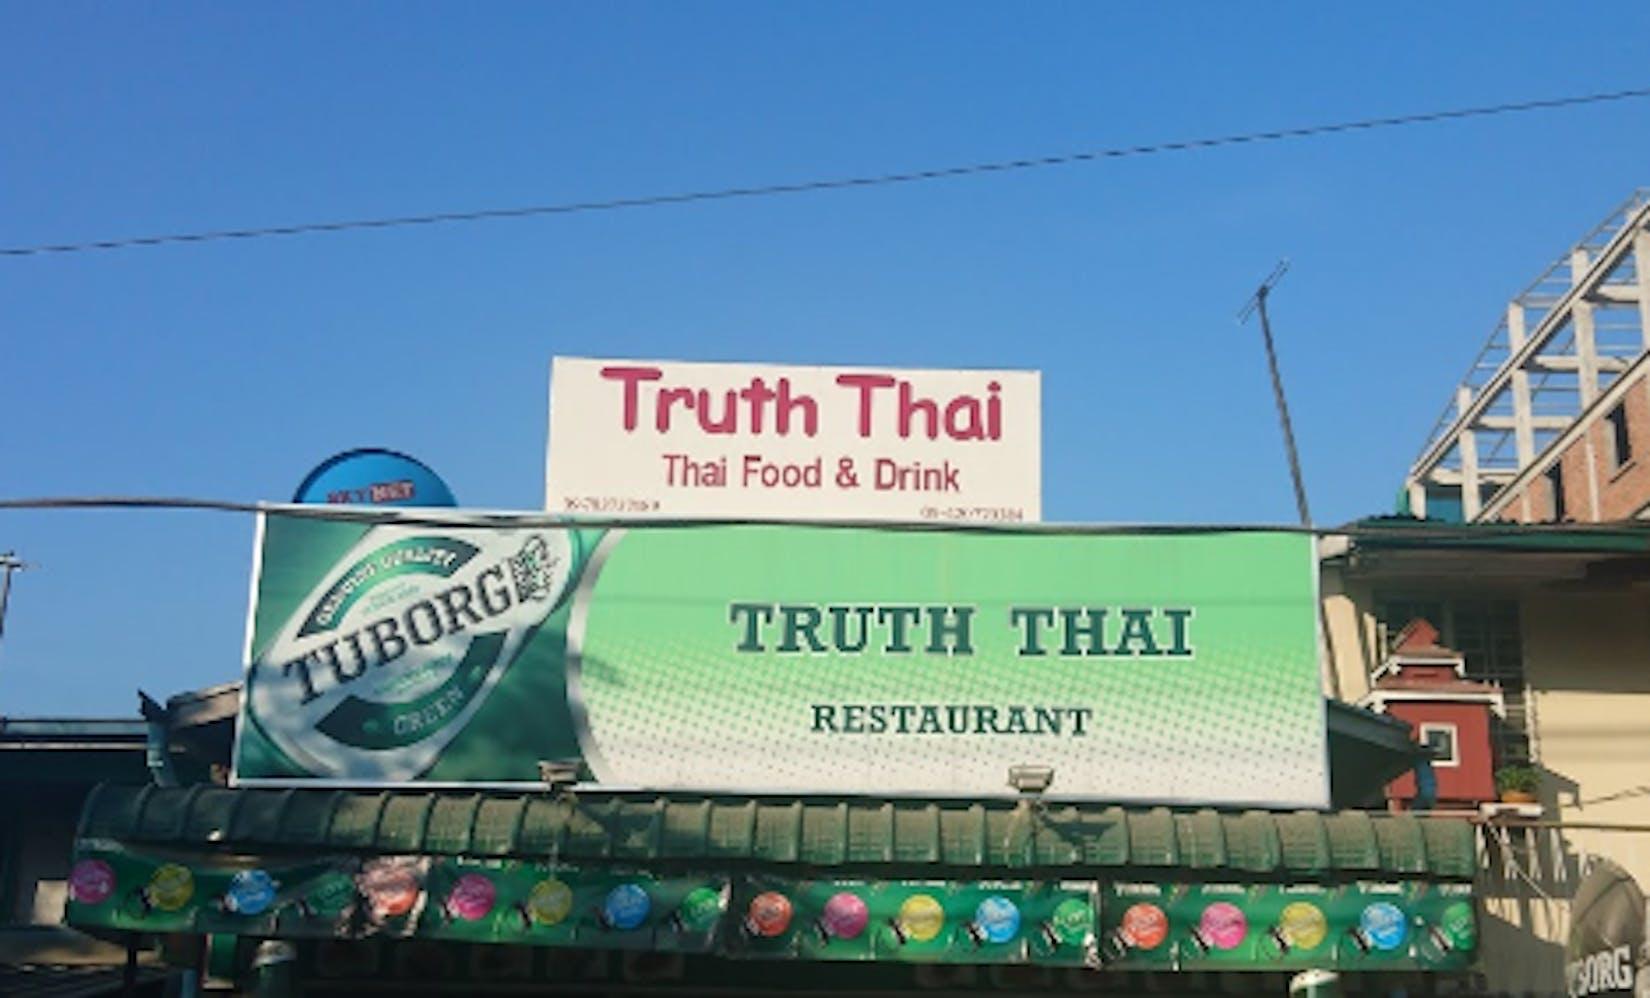 Thruth Thai Restaurant  | yathar